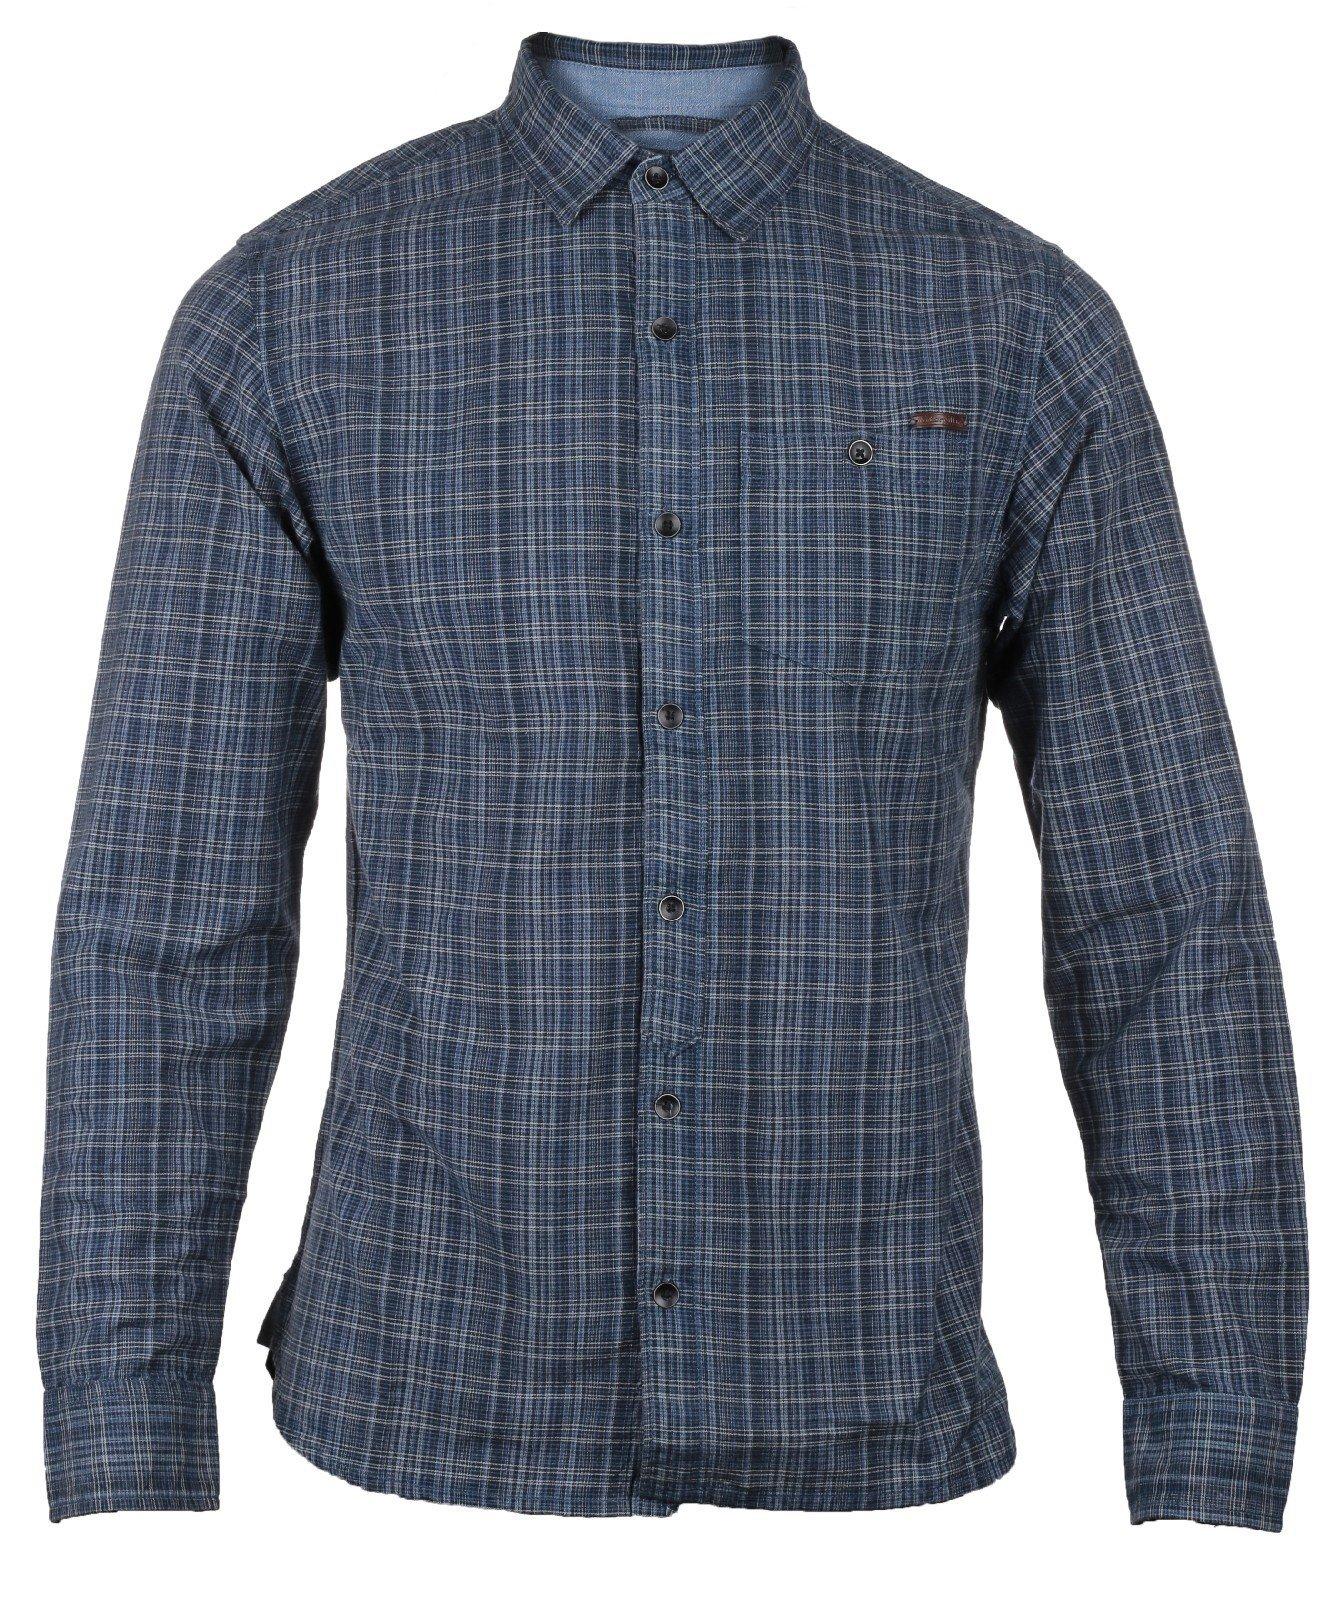 CAT Lifestyle Men's Radford LS Shirt Various Colours 24139 - Plaid Sml